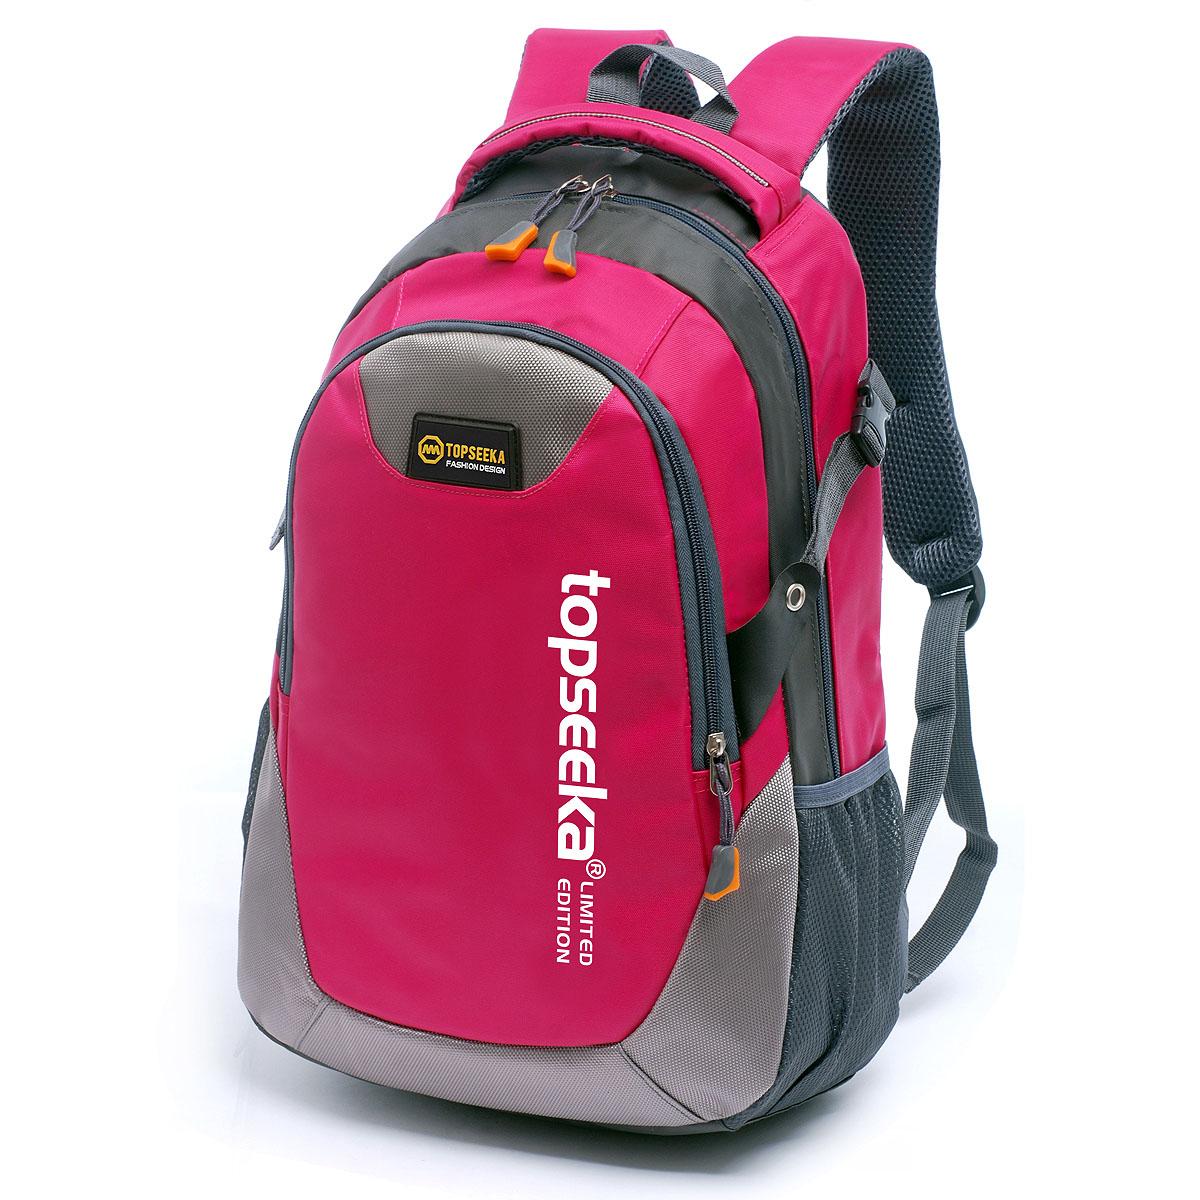 Topseeka рюкзак отзывы рюкзак купить в сыктывкаре